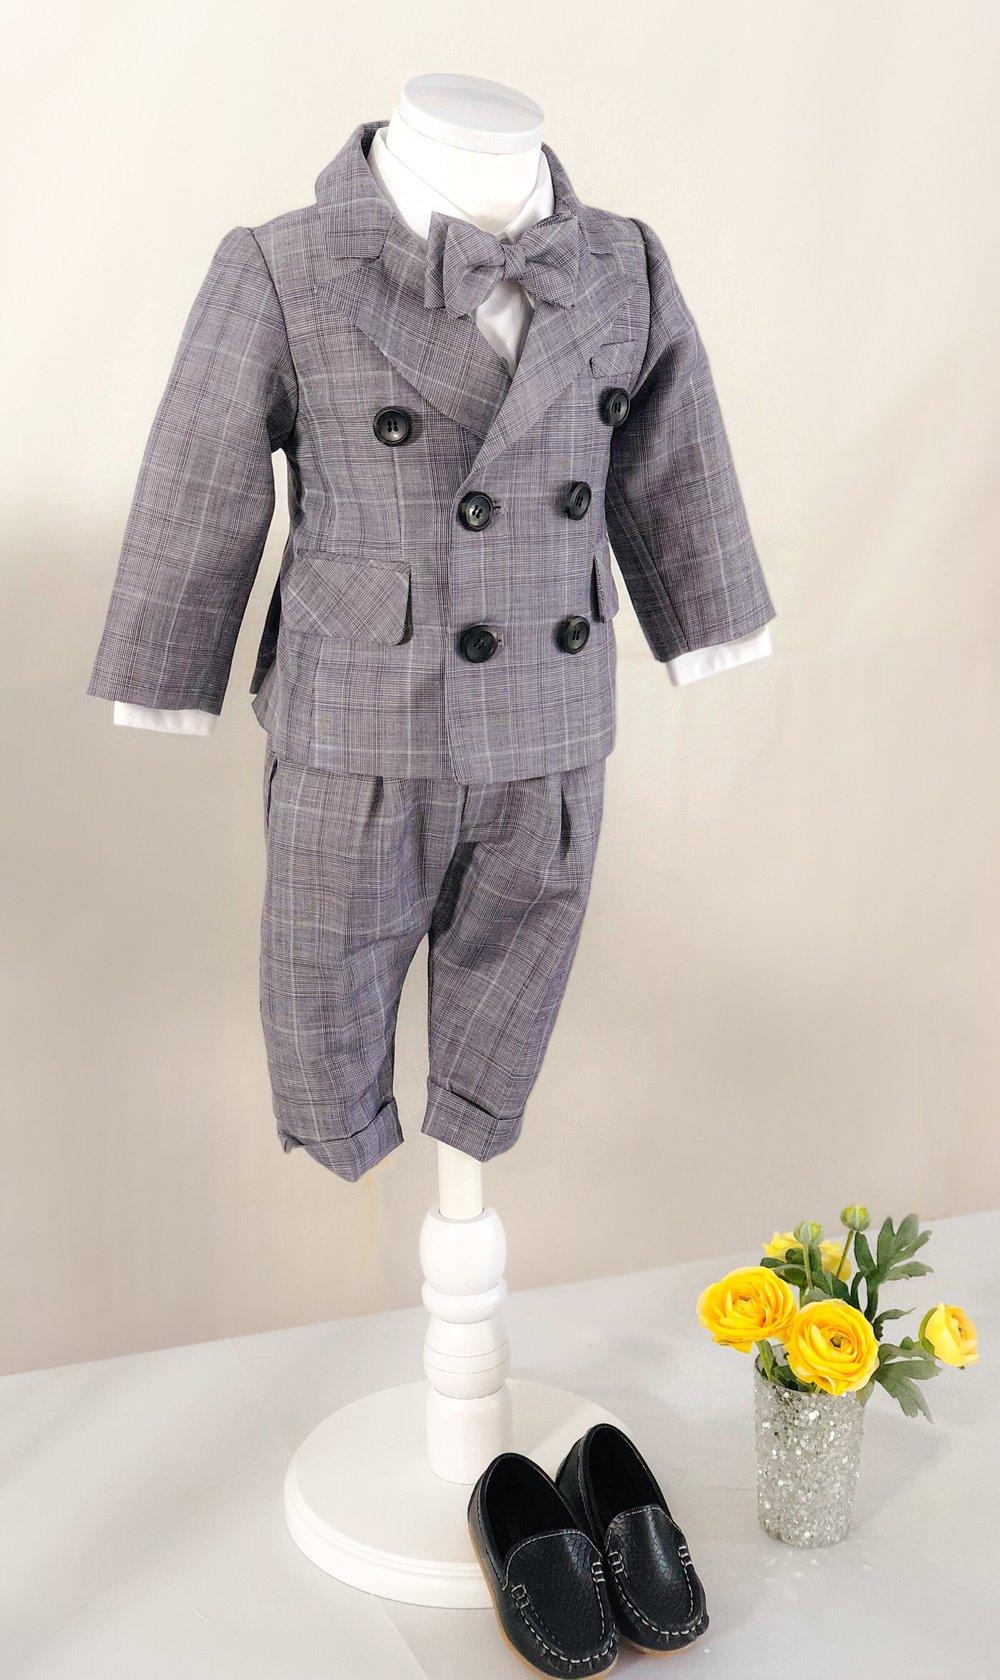 체크 수트 (Checked Suit)